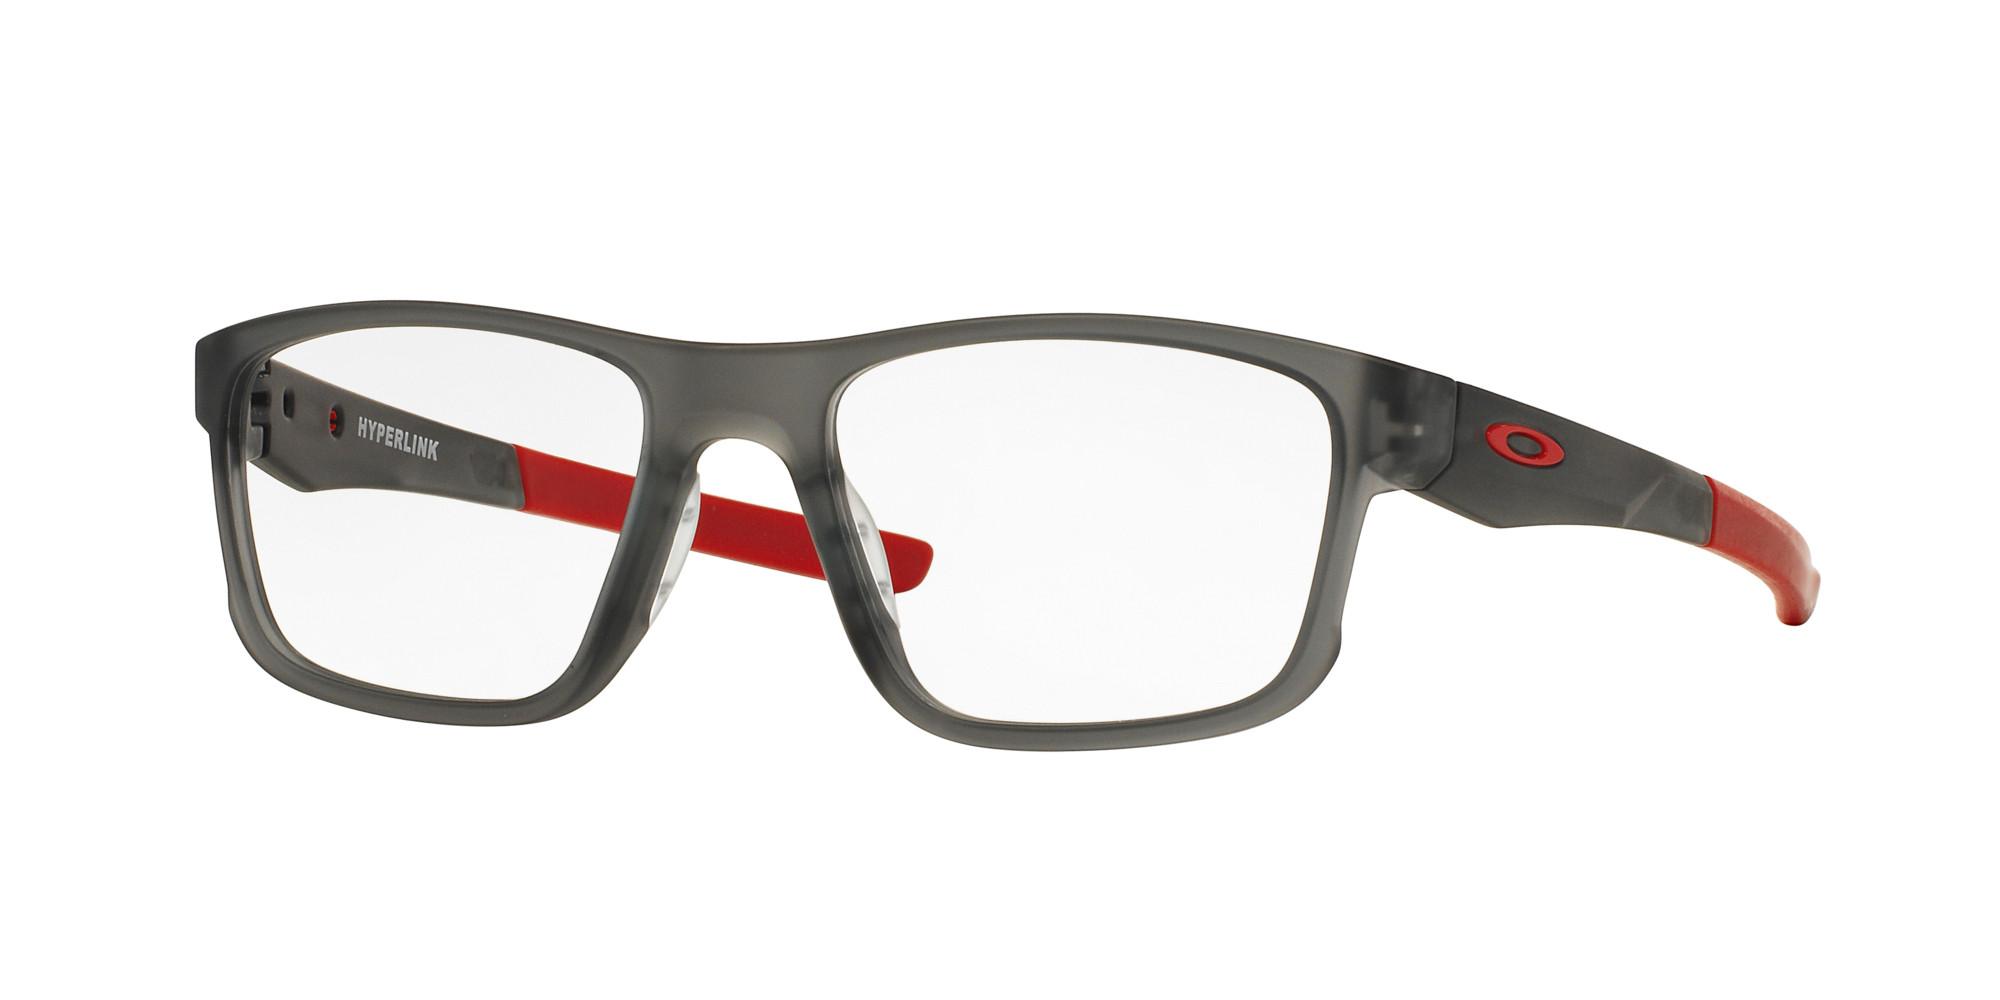 gafas graduadas OAKLEY HYPERLINK OX 8078 05